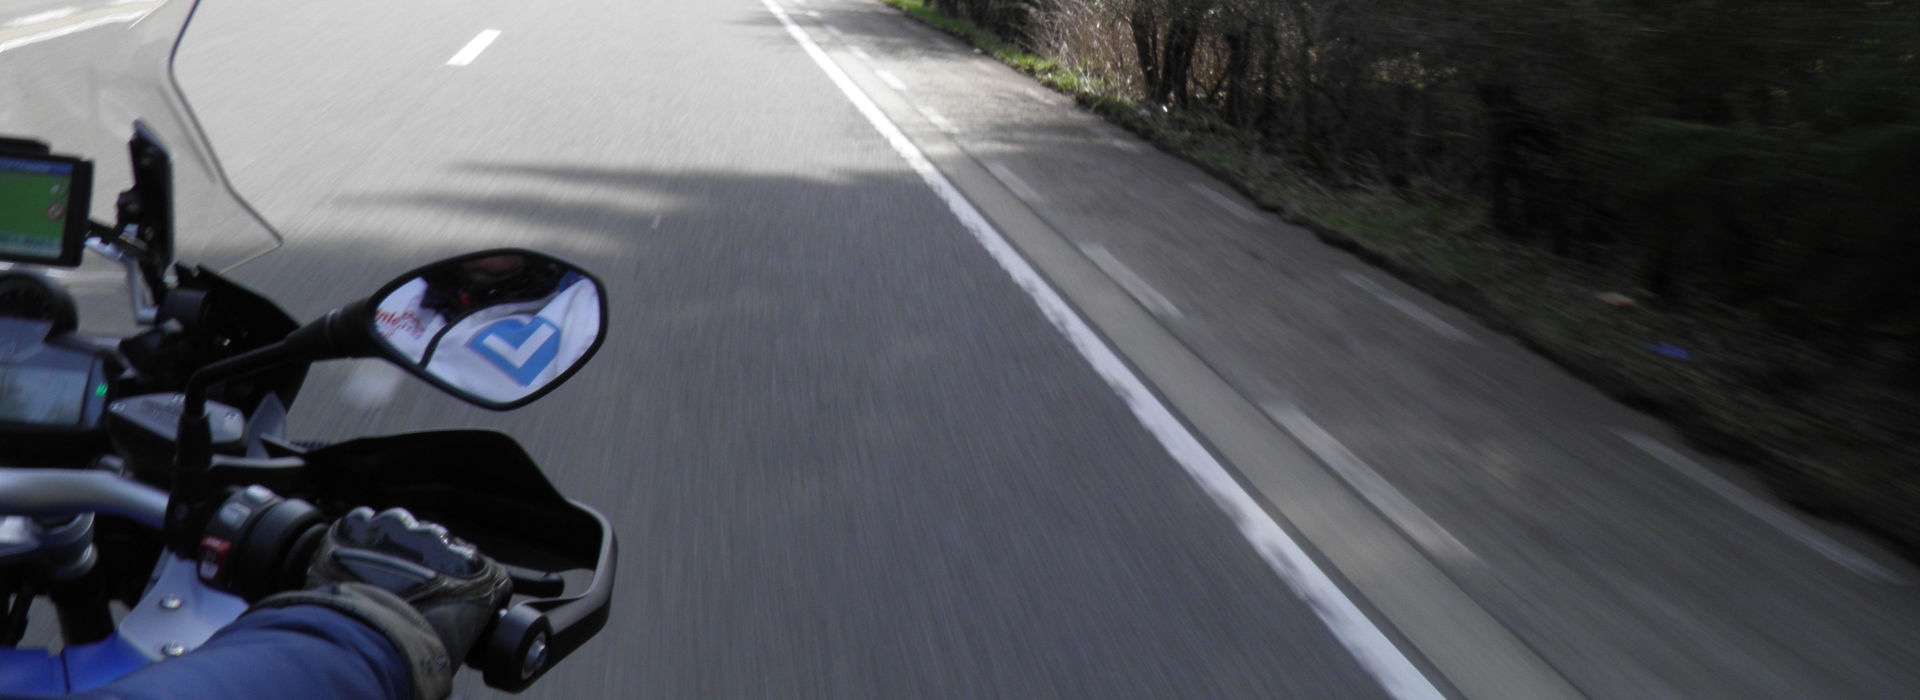 Motorrijschool Motorrijbewijspoint Krimpen aan den IJssel motorrijlessen